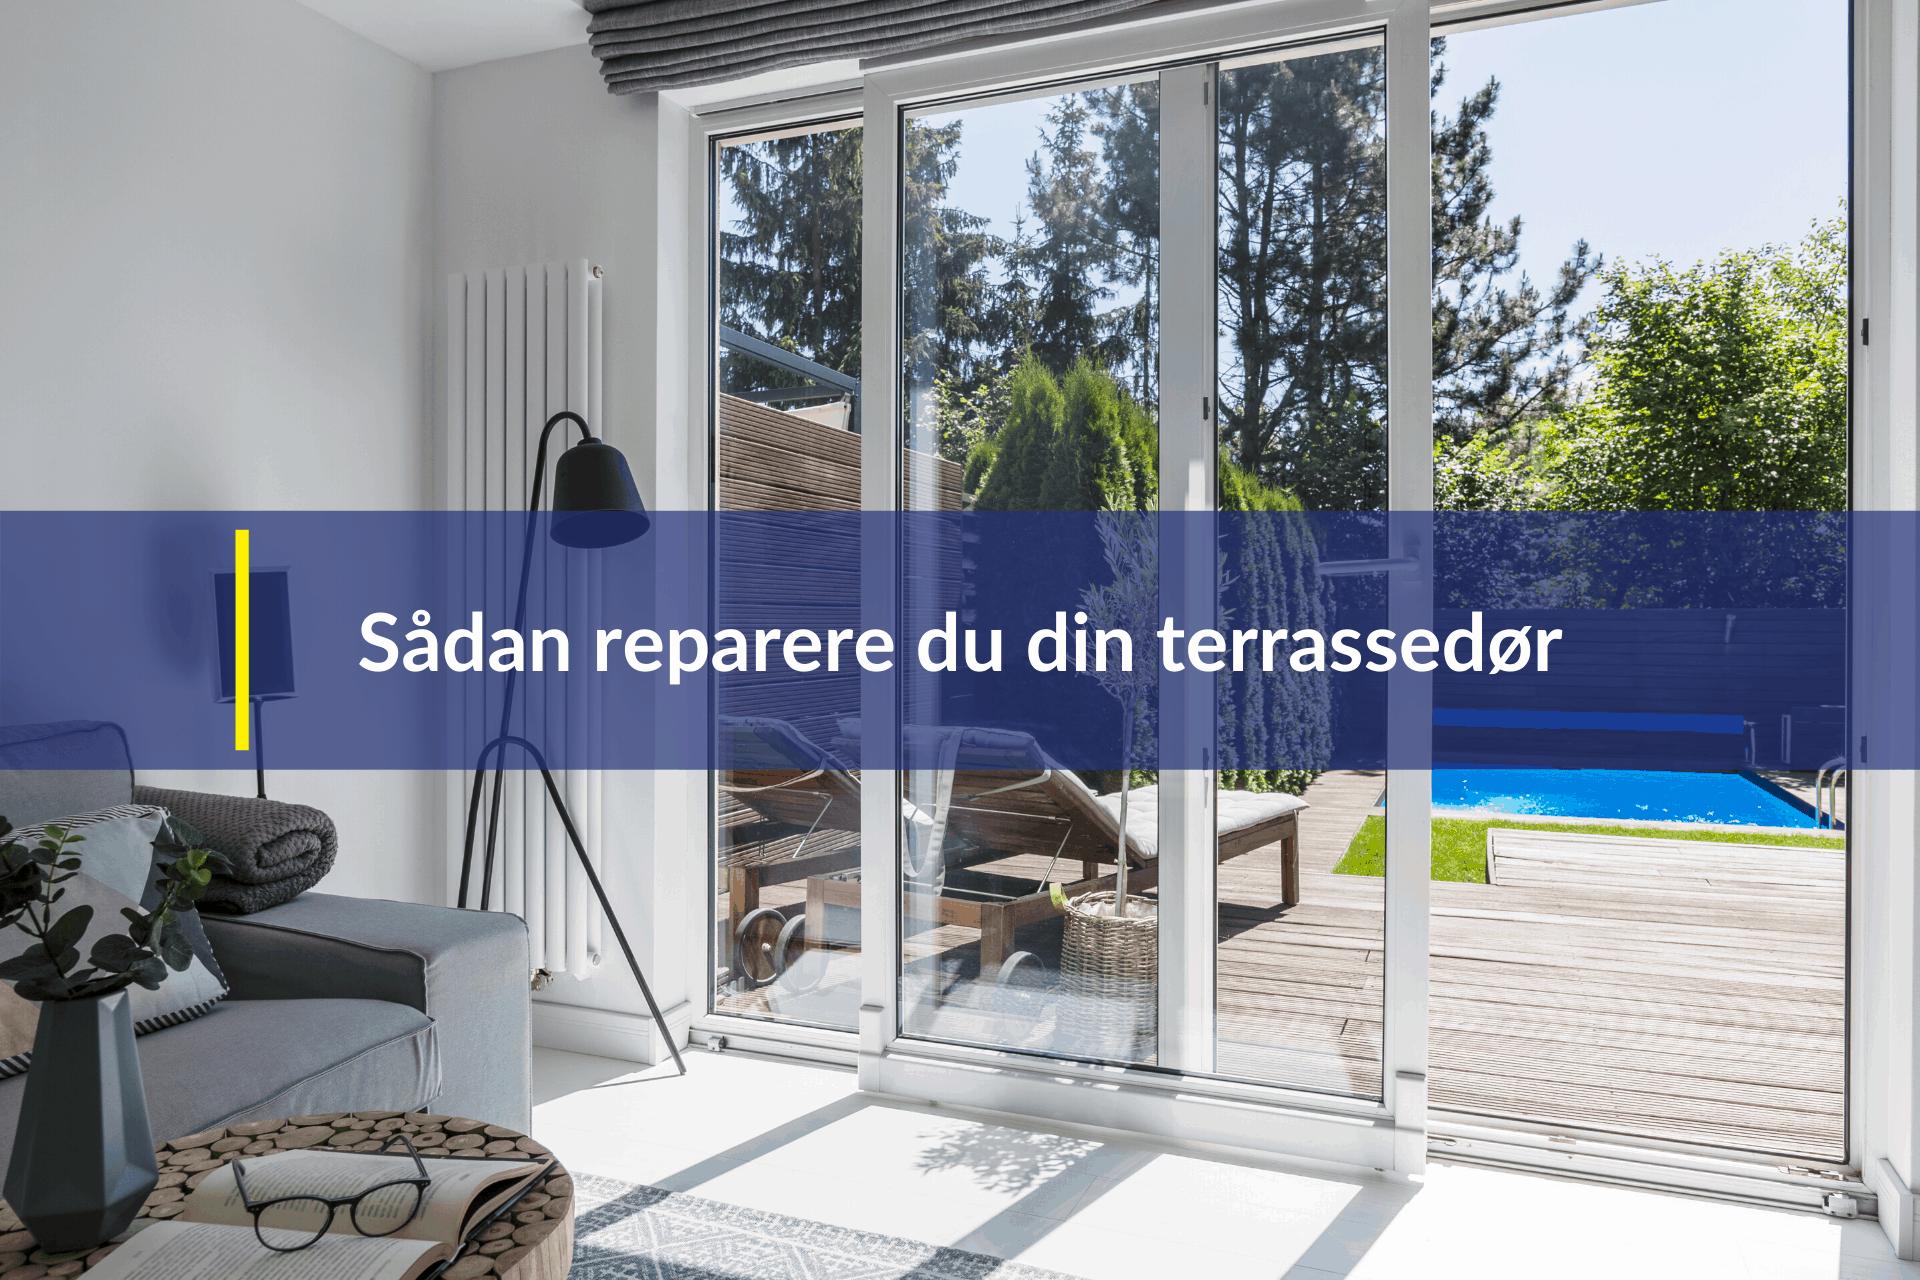 reparere du din terrassedør